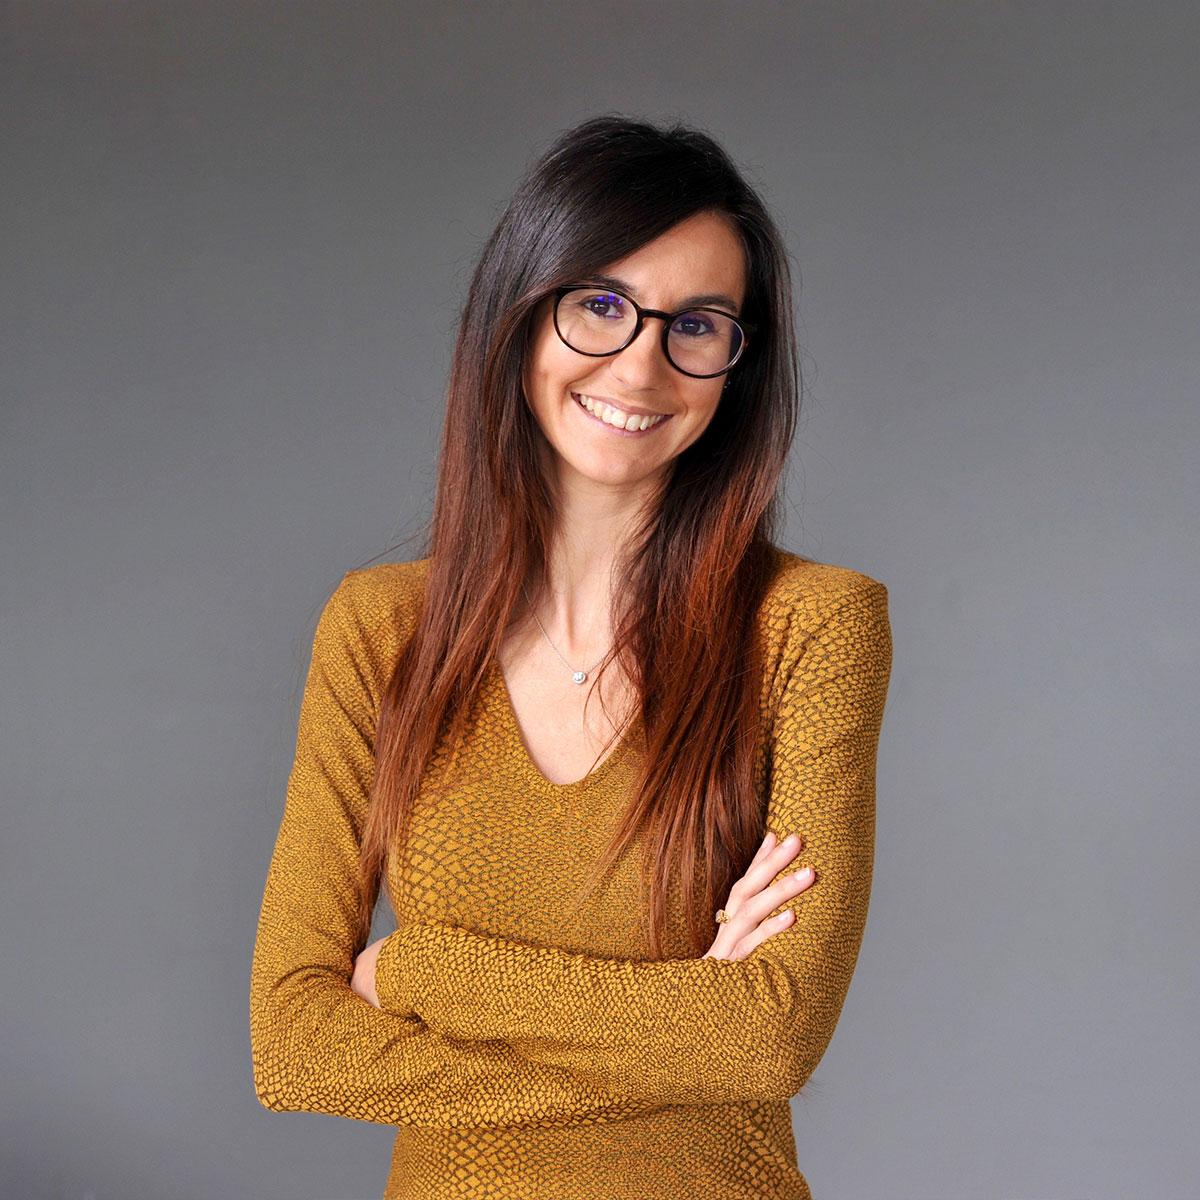 Céline JOUVE